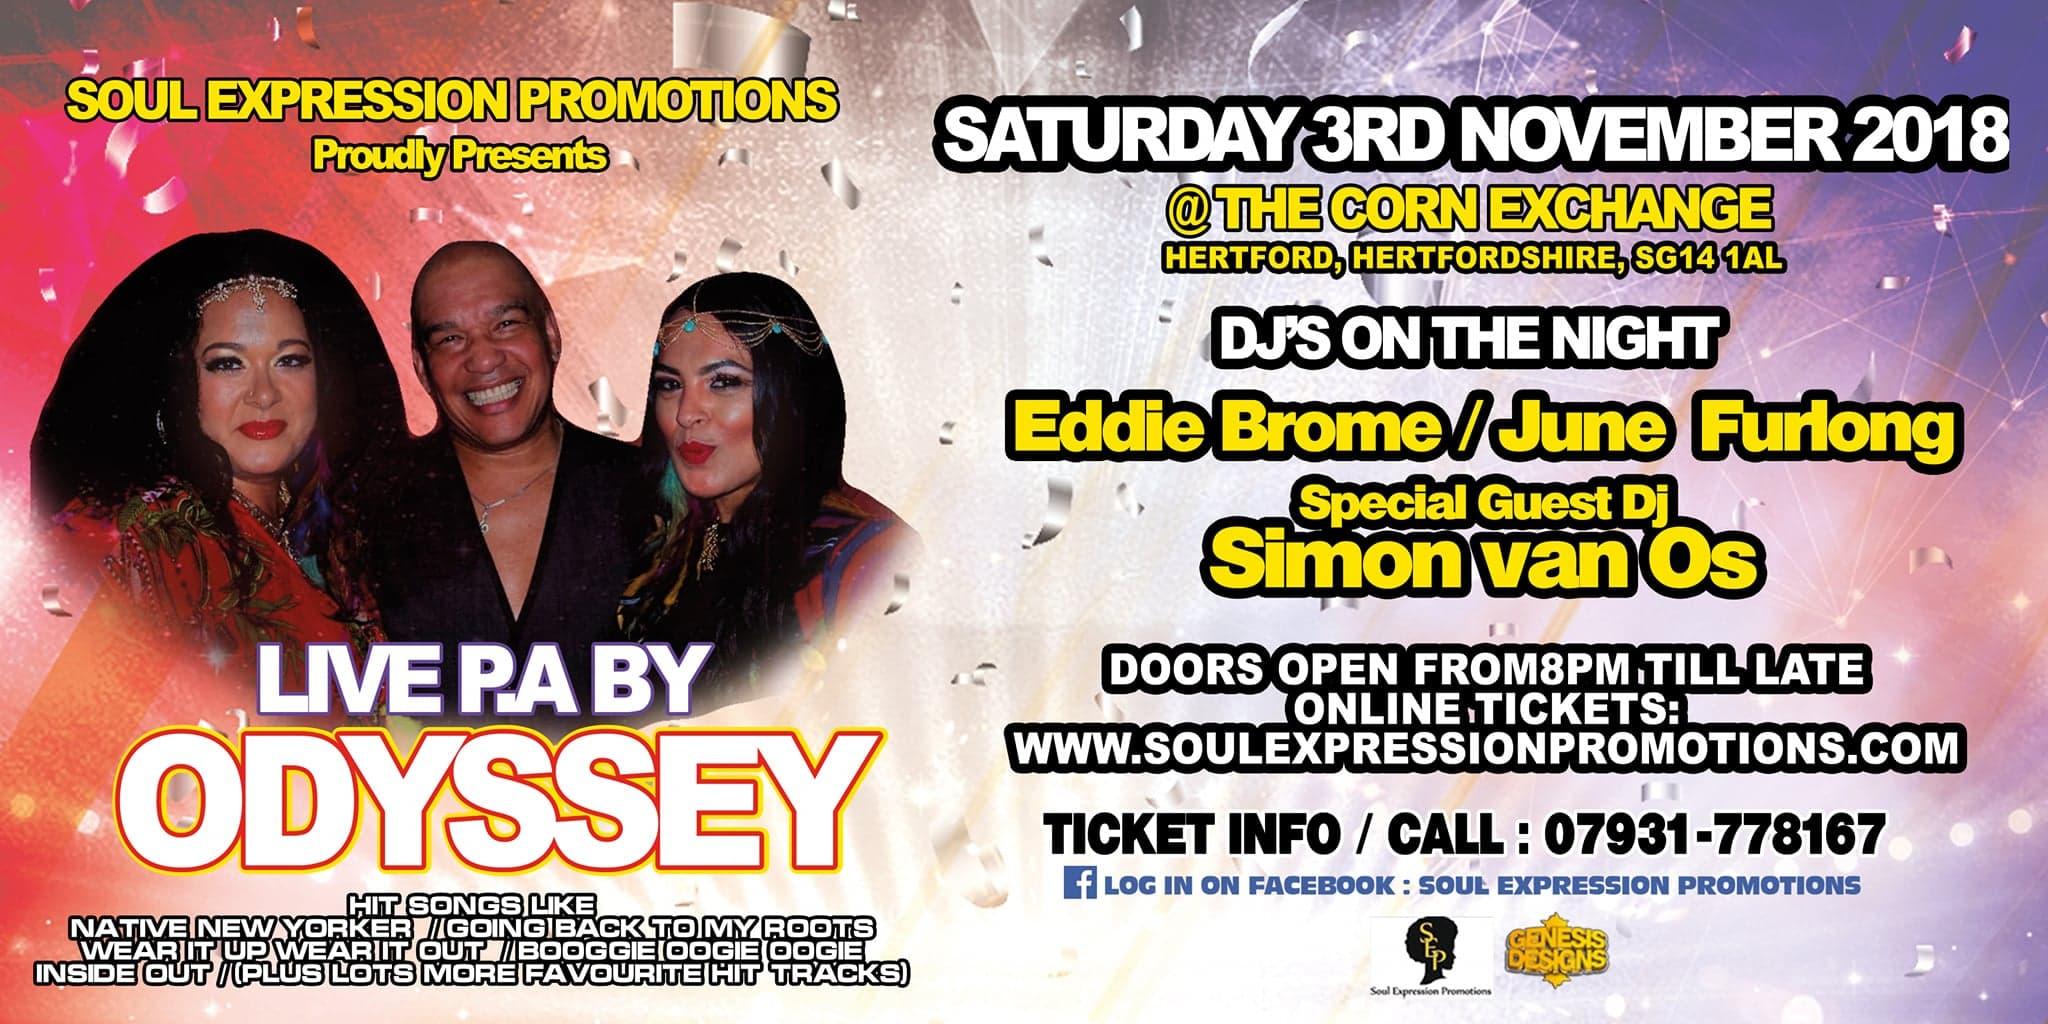 Odyssey Live in Hertford 3rd November 2018